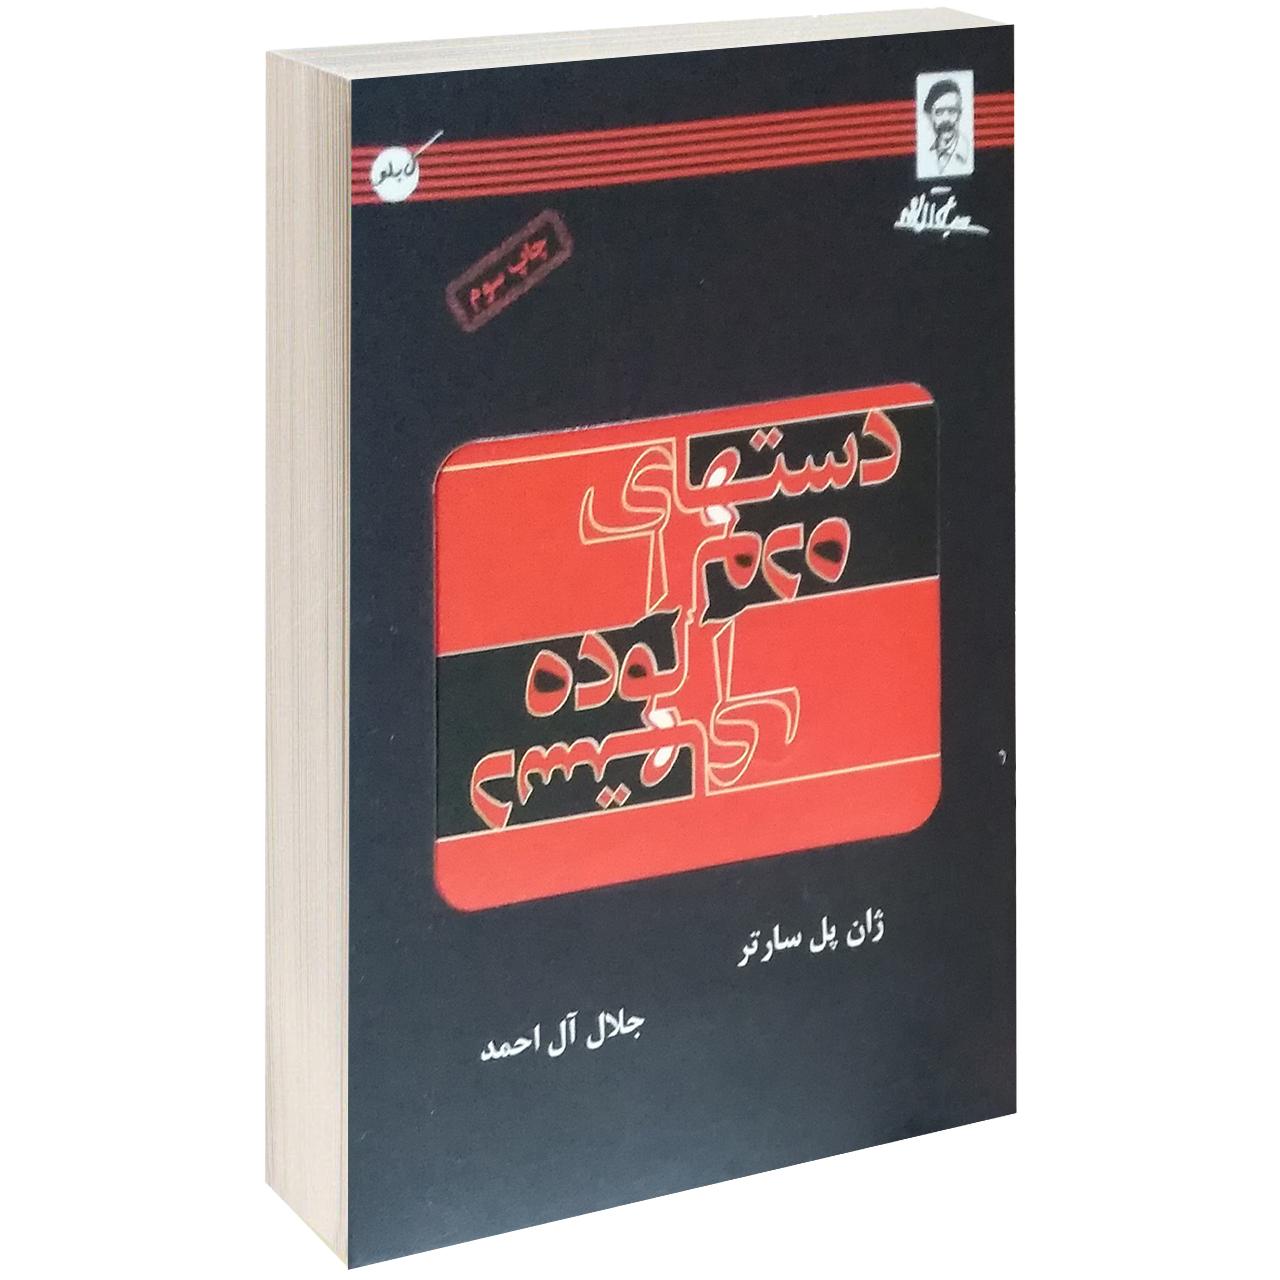 کتاب دستهای آلوده اثر ژان پل سارتر